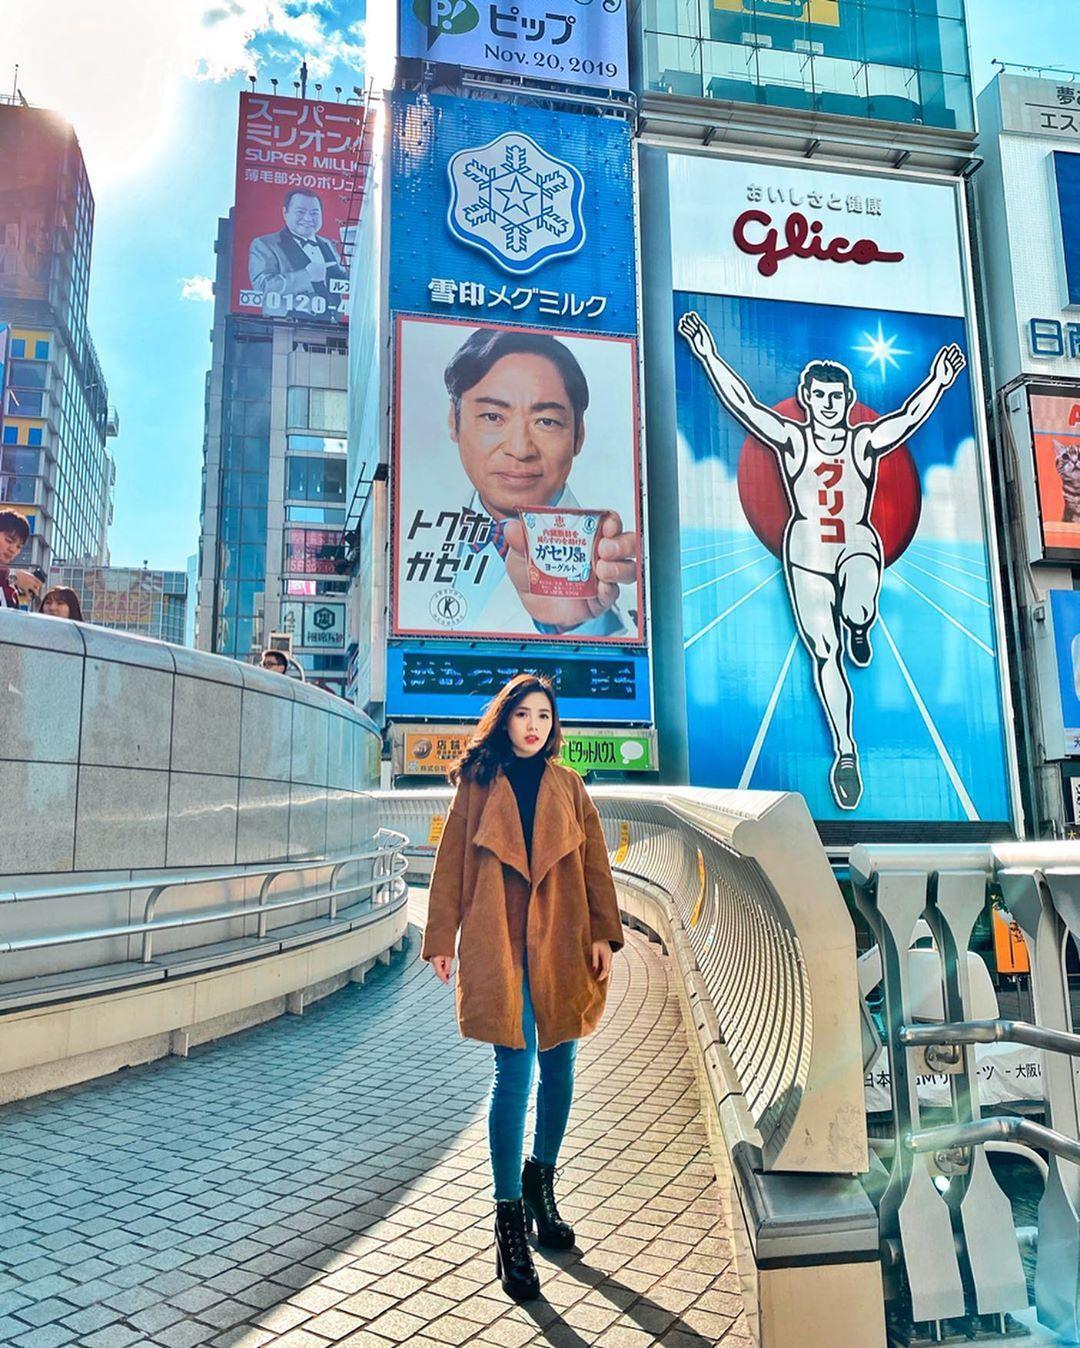 Tấm biển quảng cáo tồn tại hơn 80 năm ở Osaka